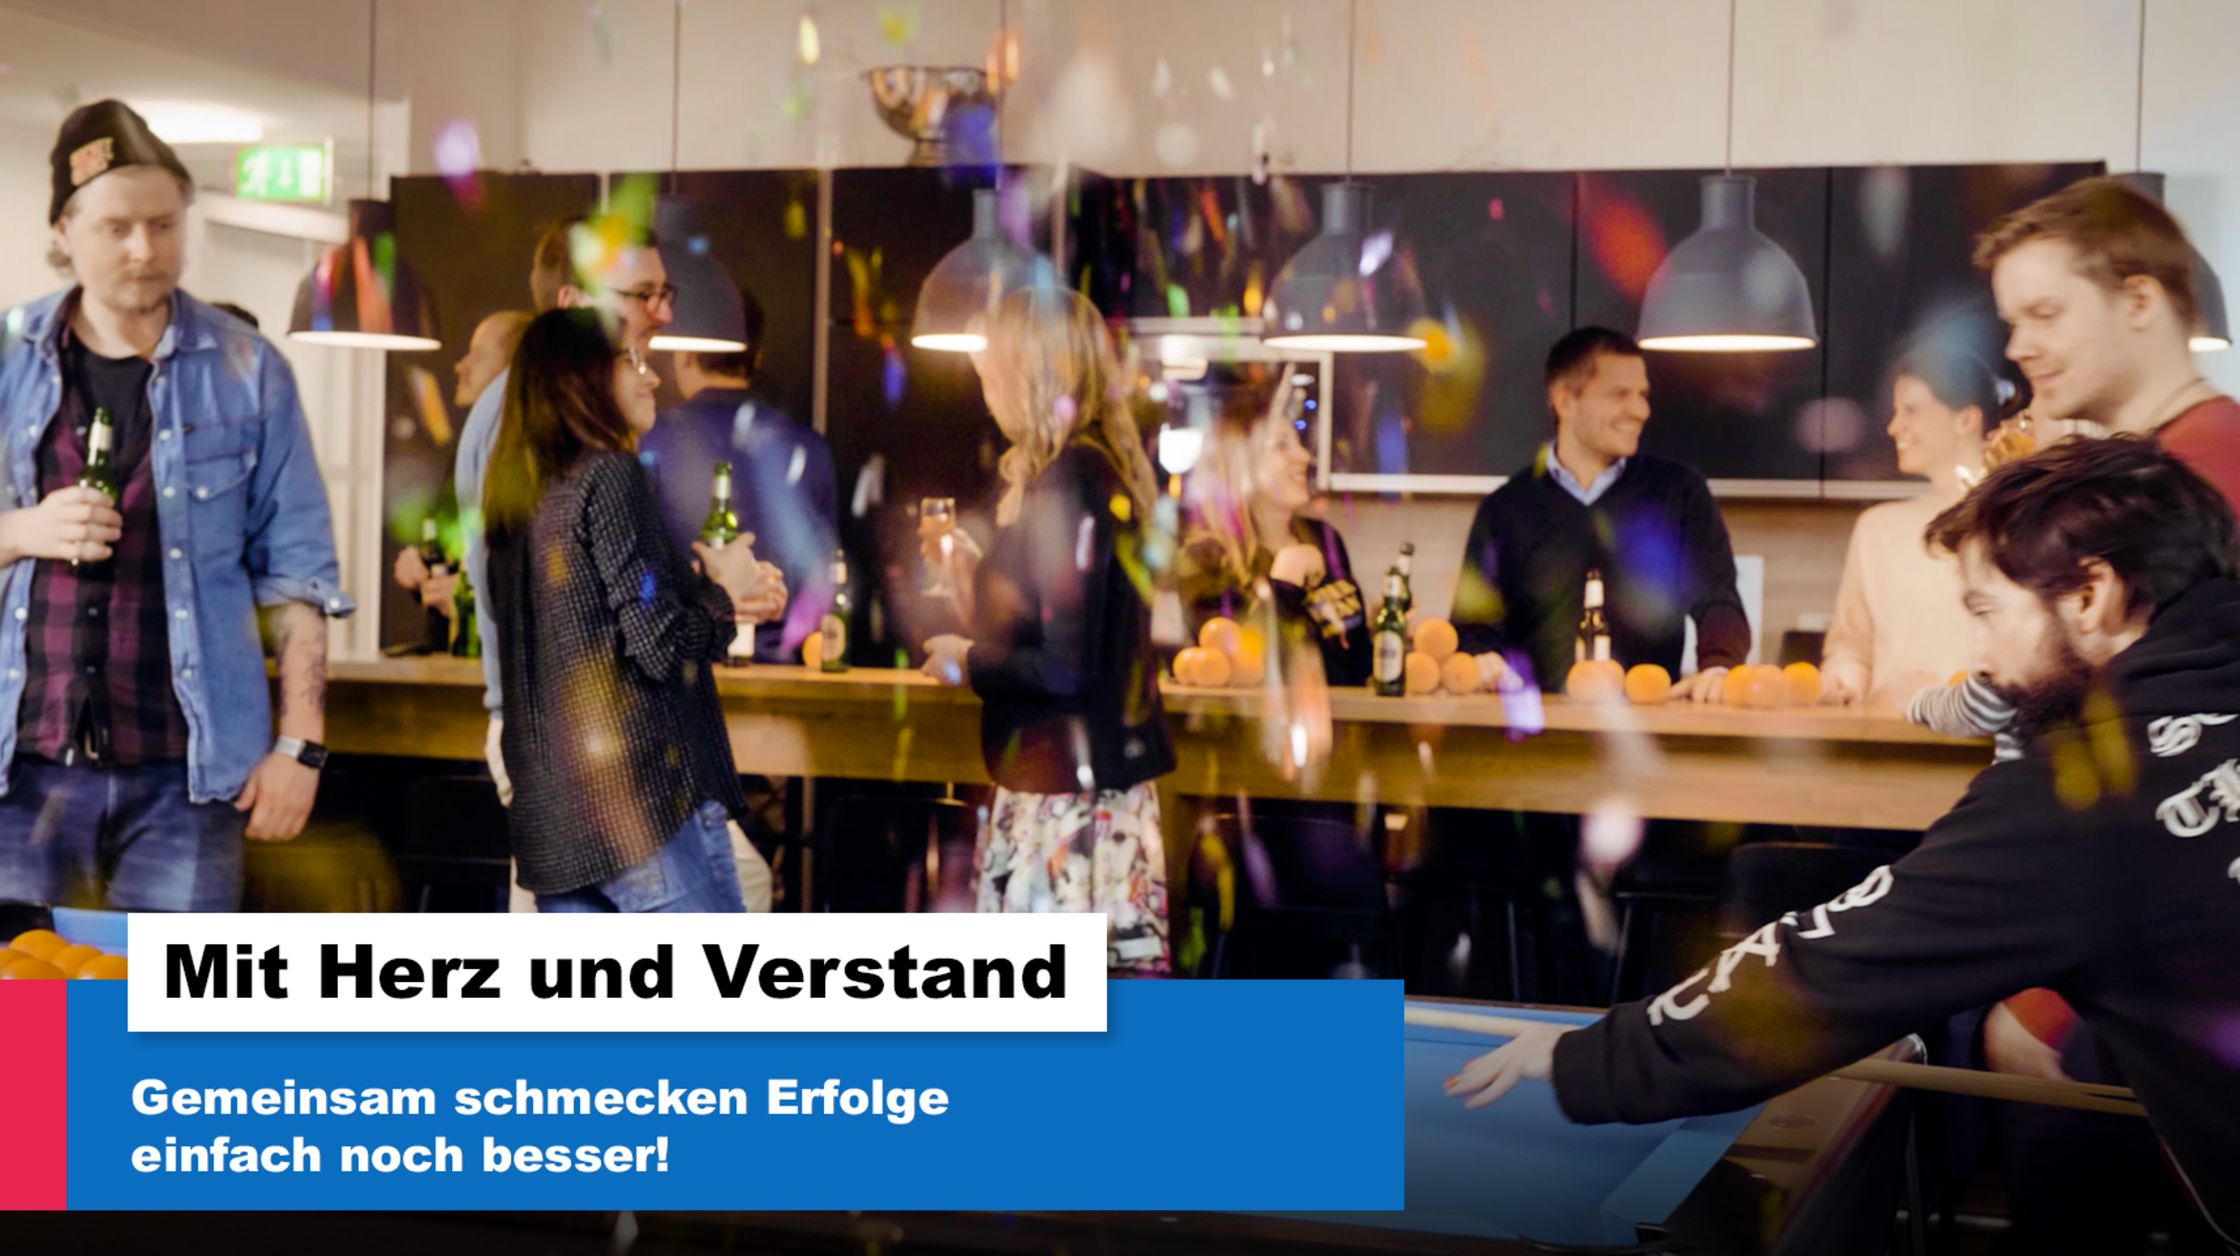 Content Fleet Mitarbeiter feiern in der Agentur